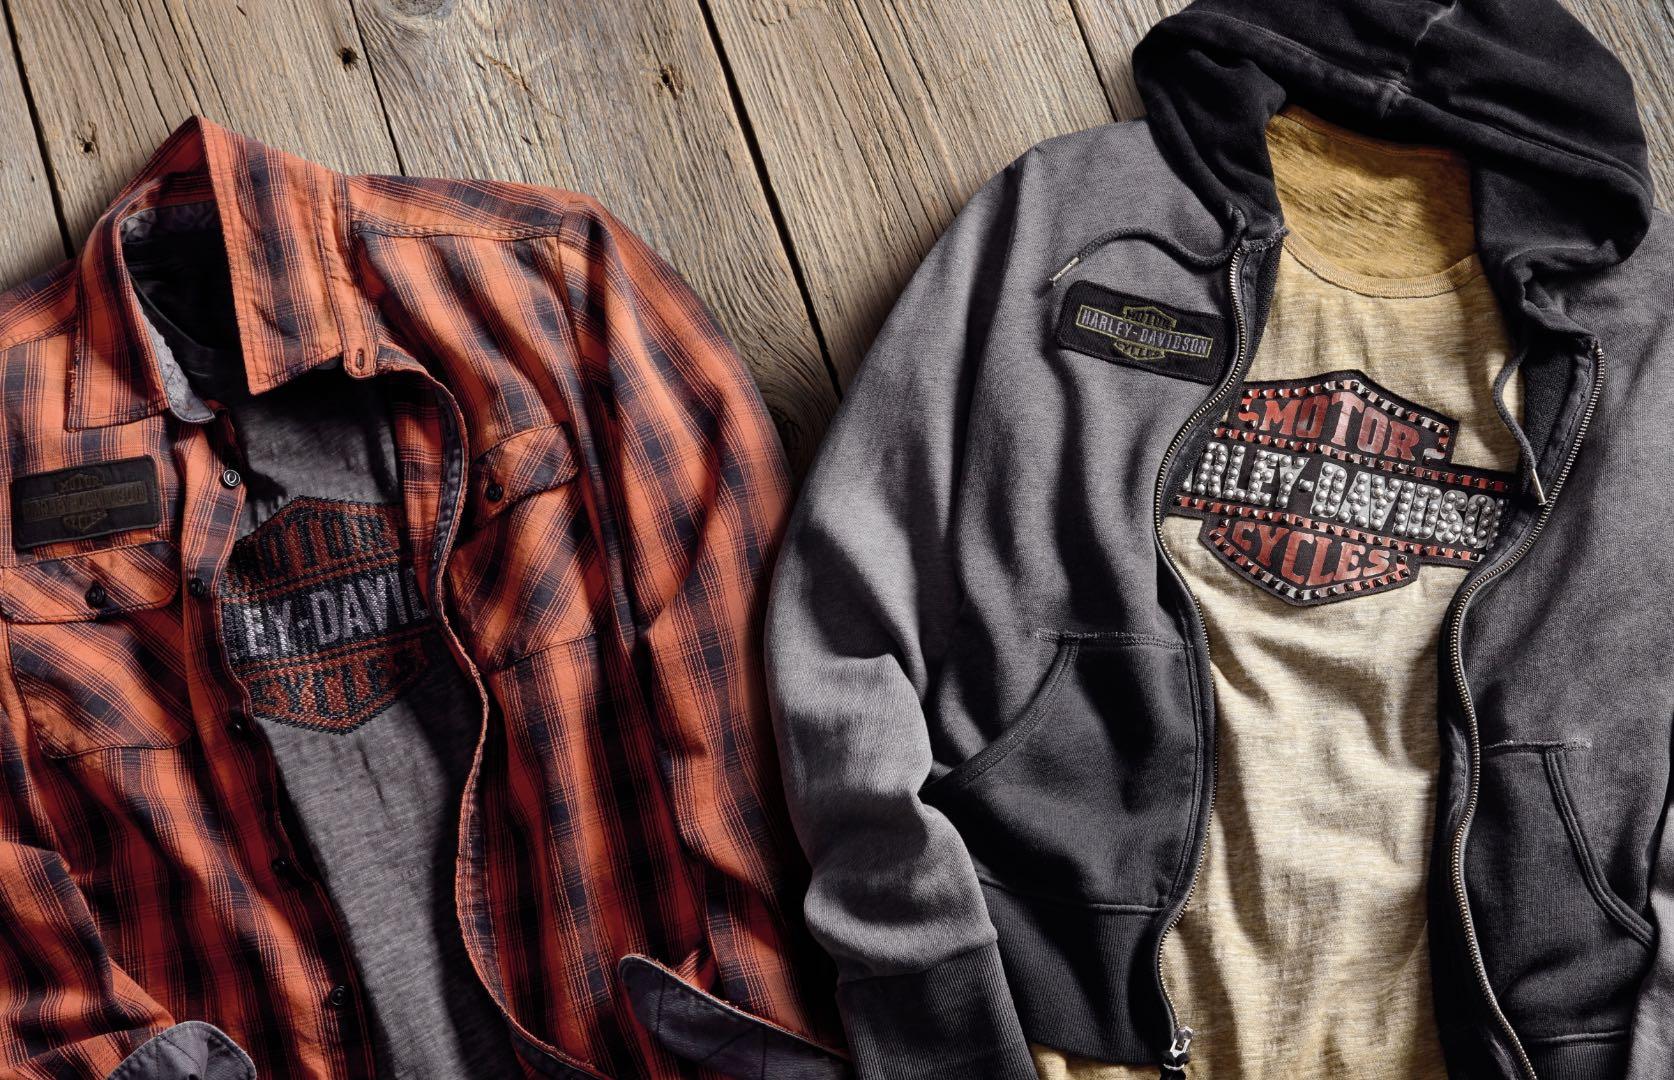 [Harley-Davidson] Bán áo để nhận nhanh discount lên đến 50%?